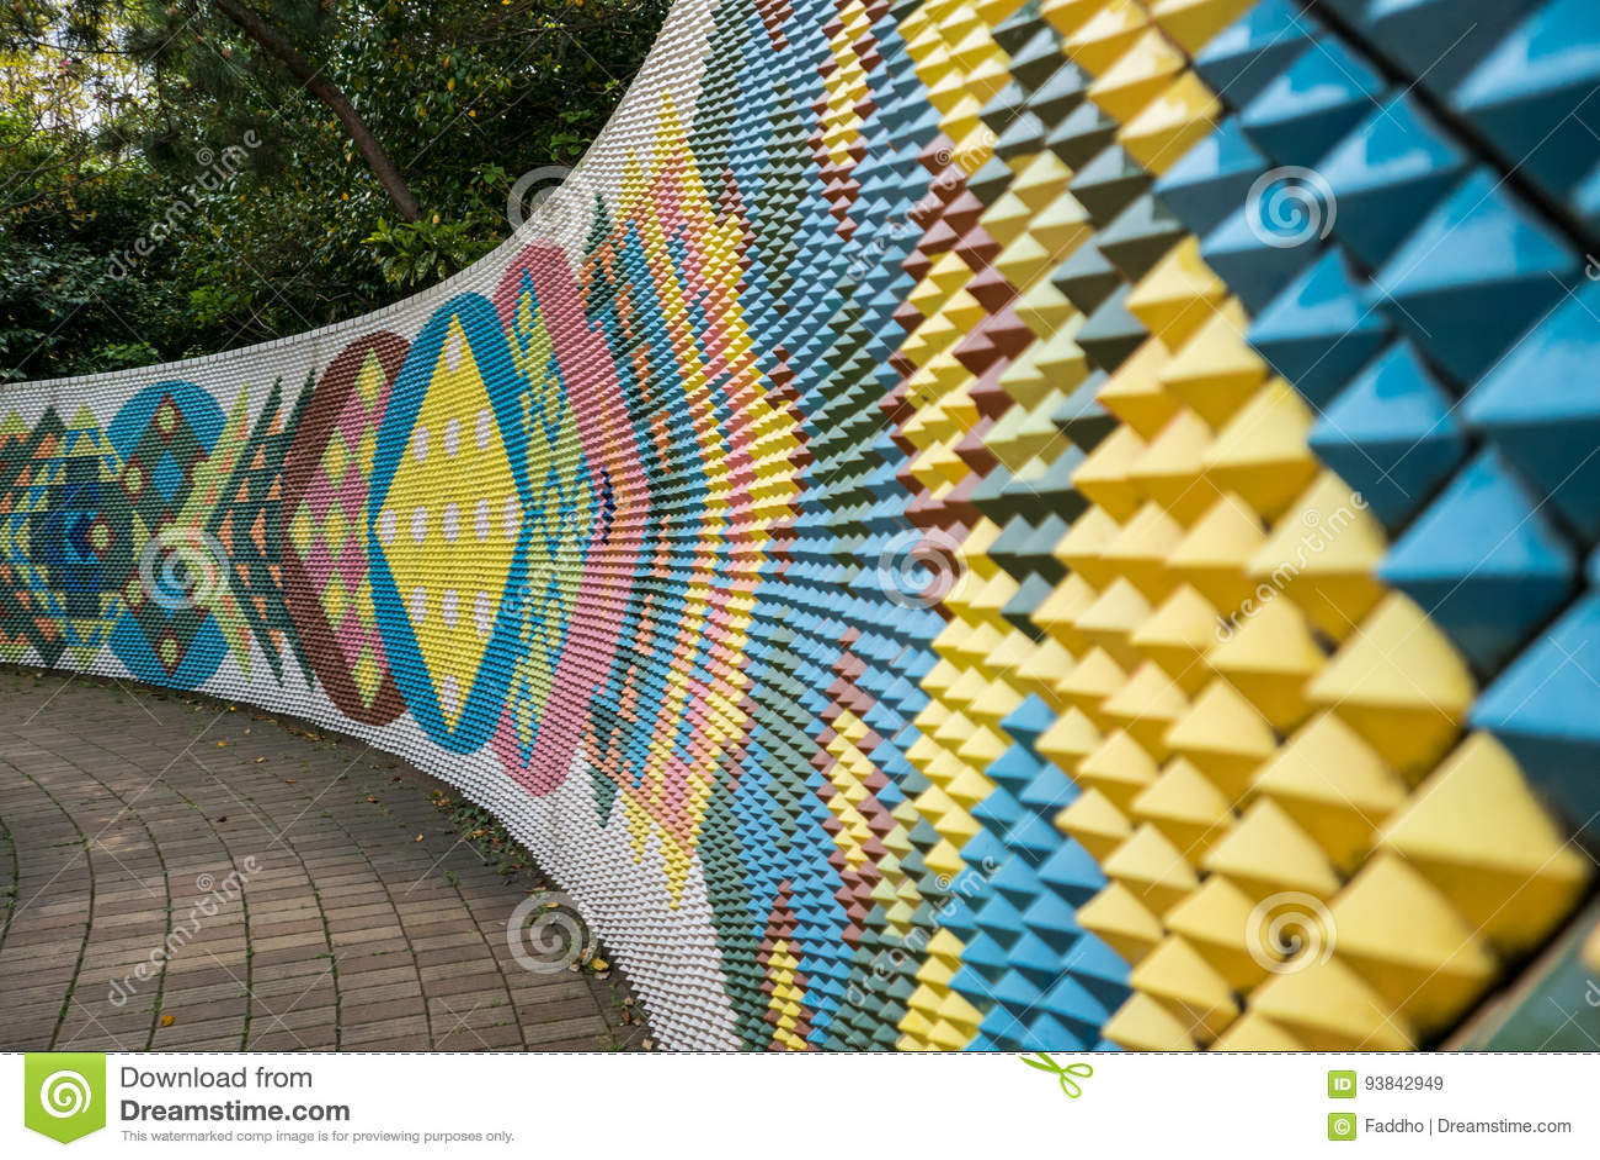 Peinture Murale En Céramique Moderne Colorée De Mur Dans ...